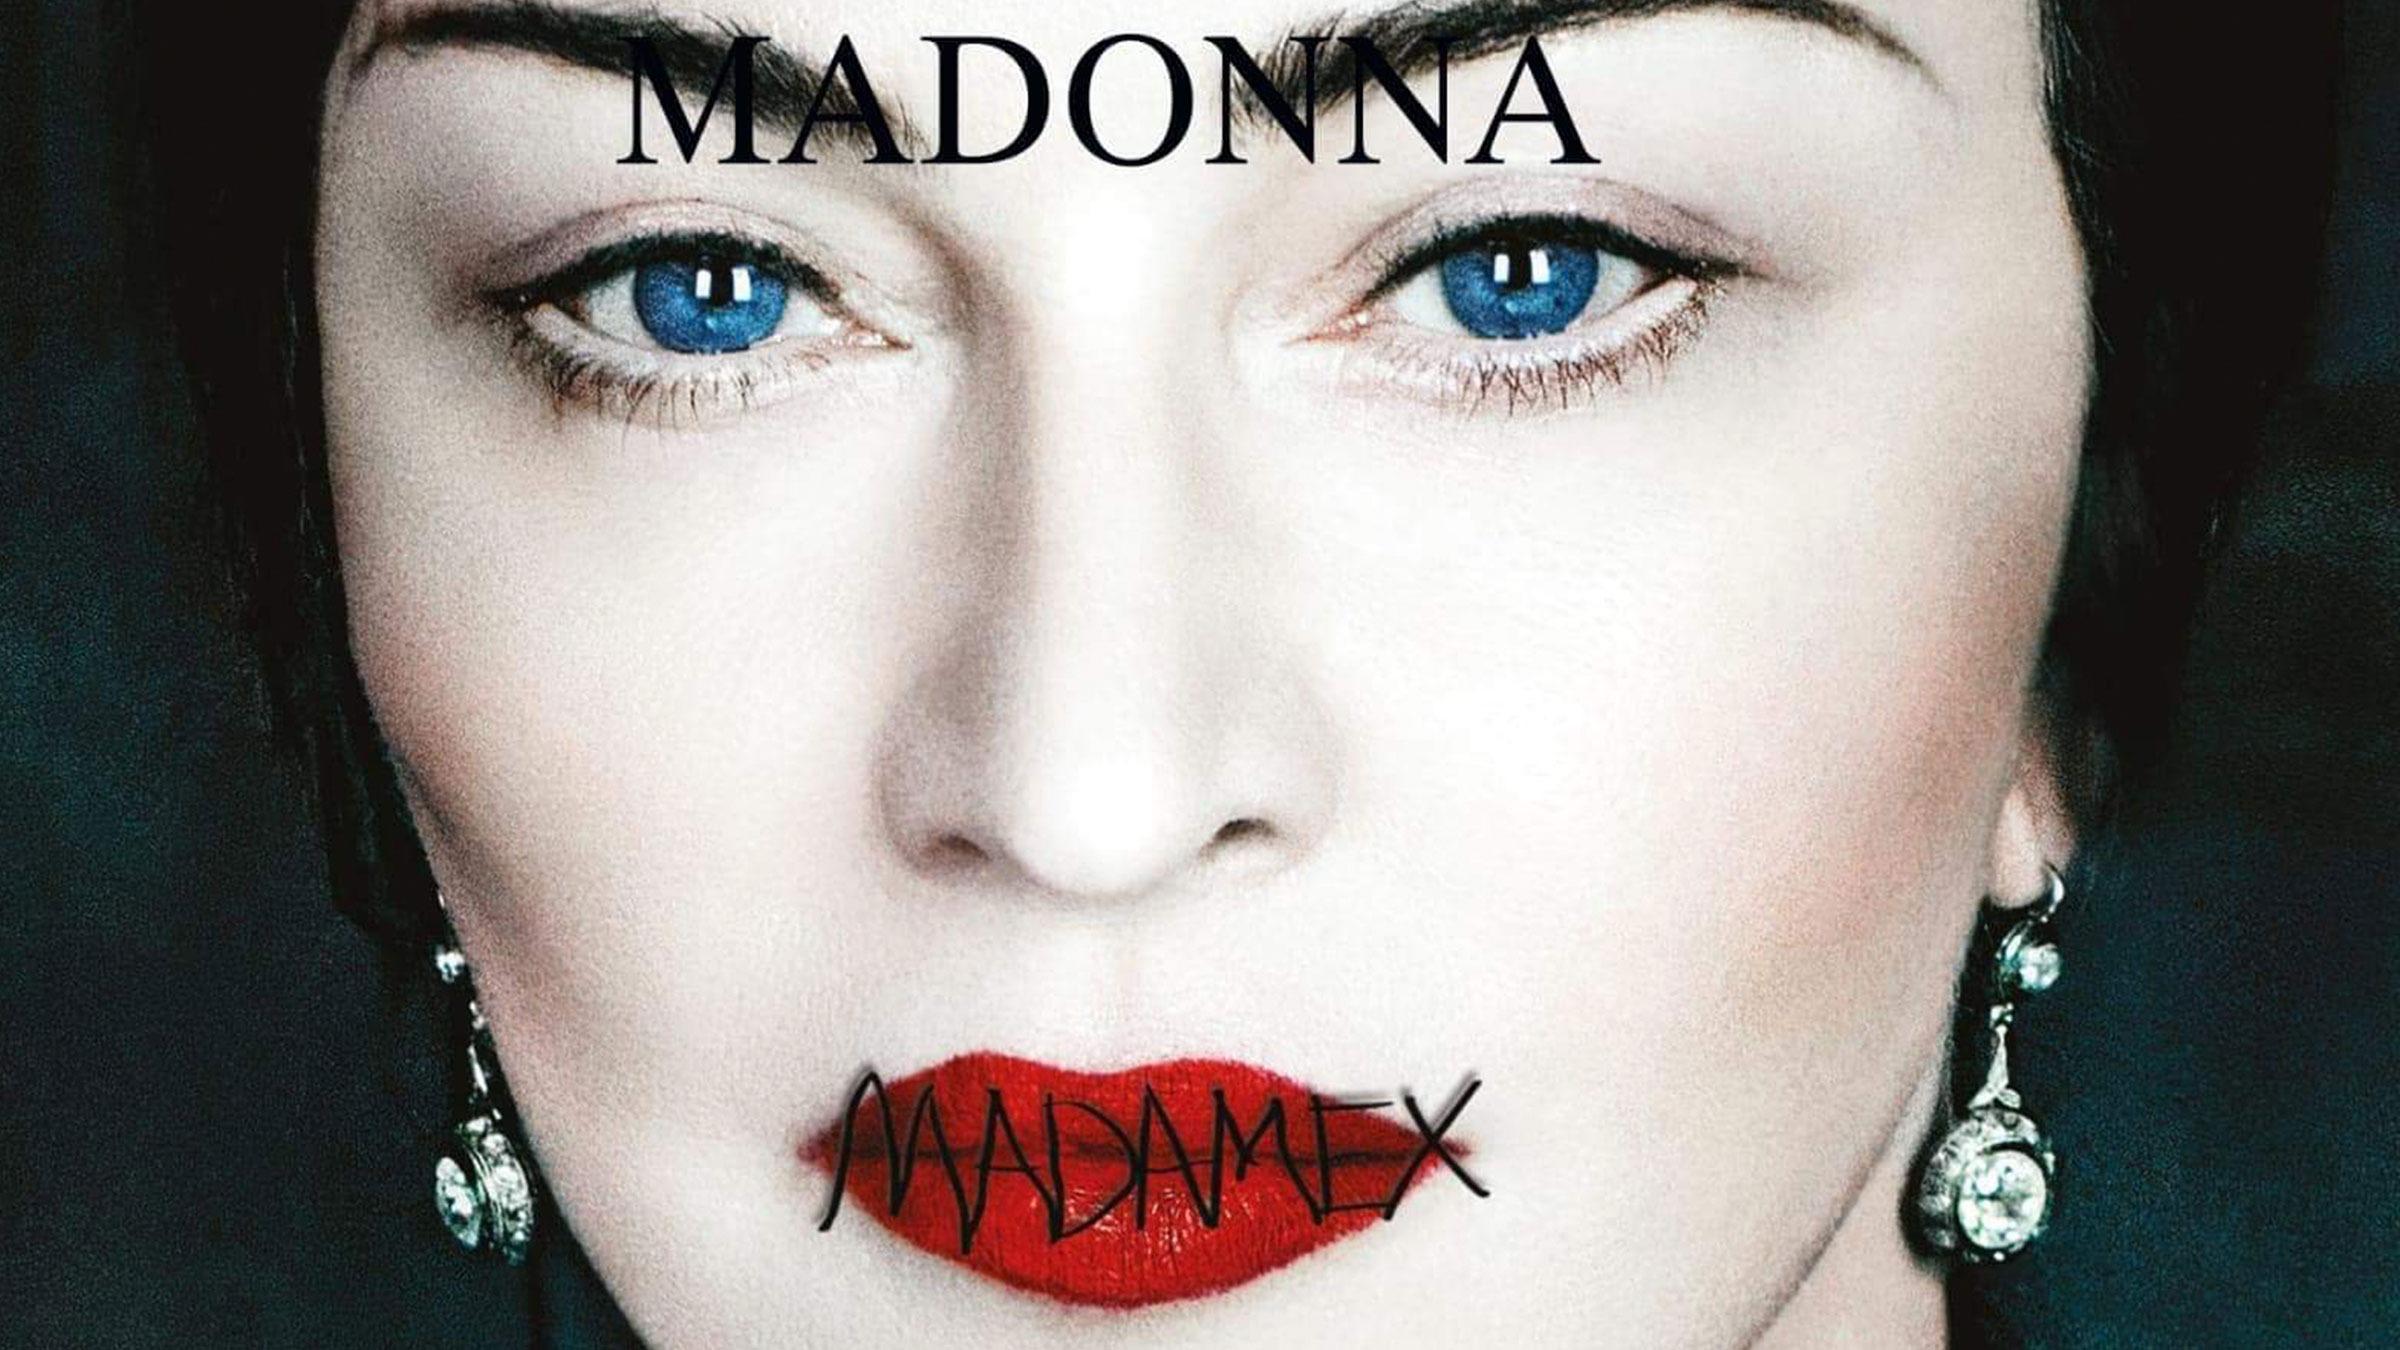 Madonna x